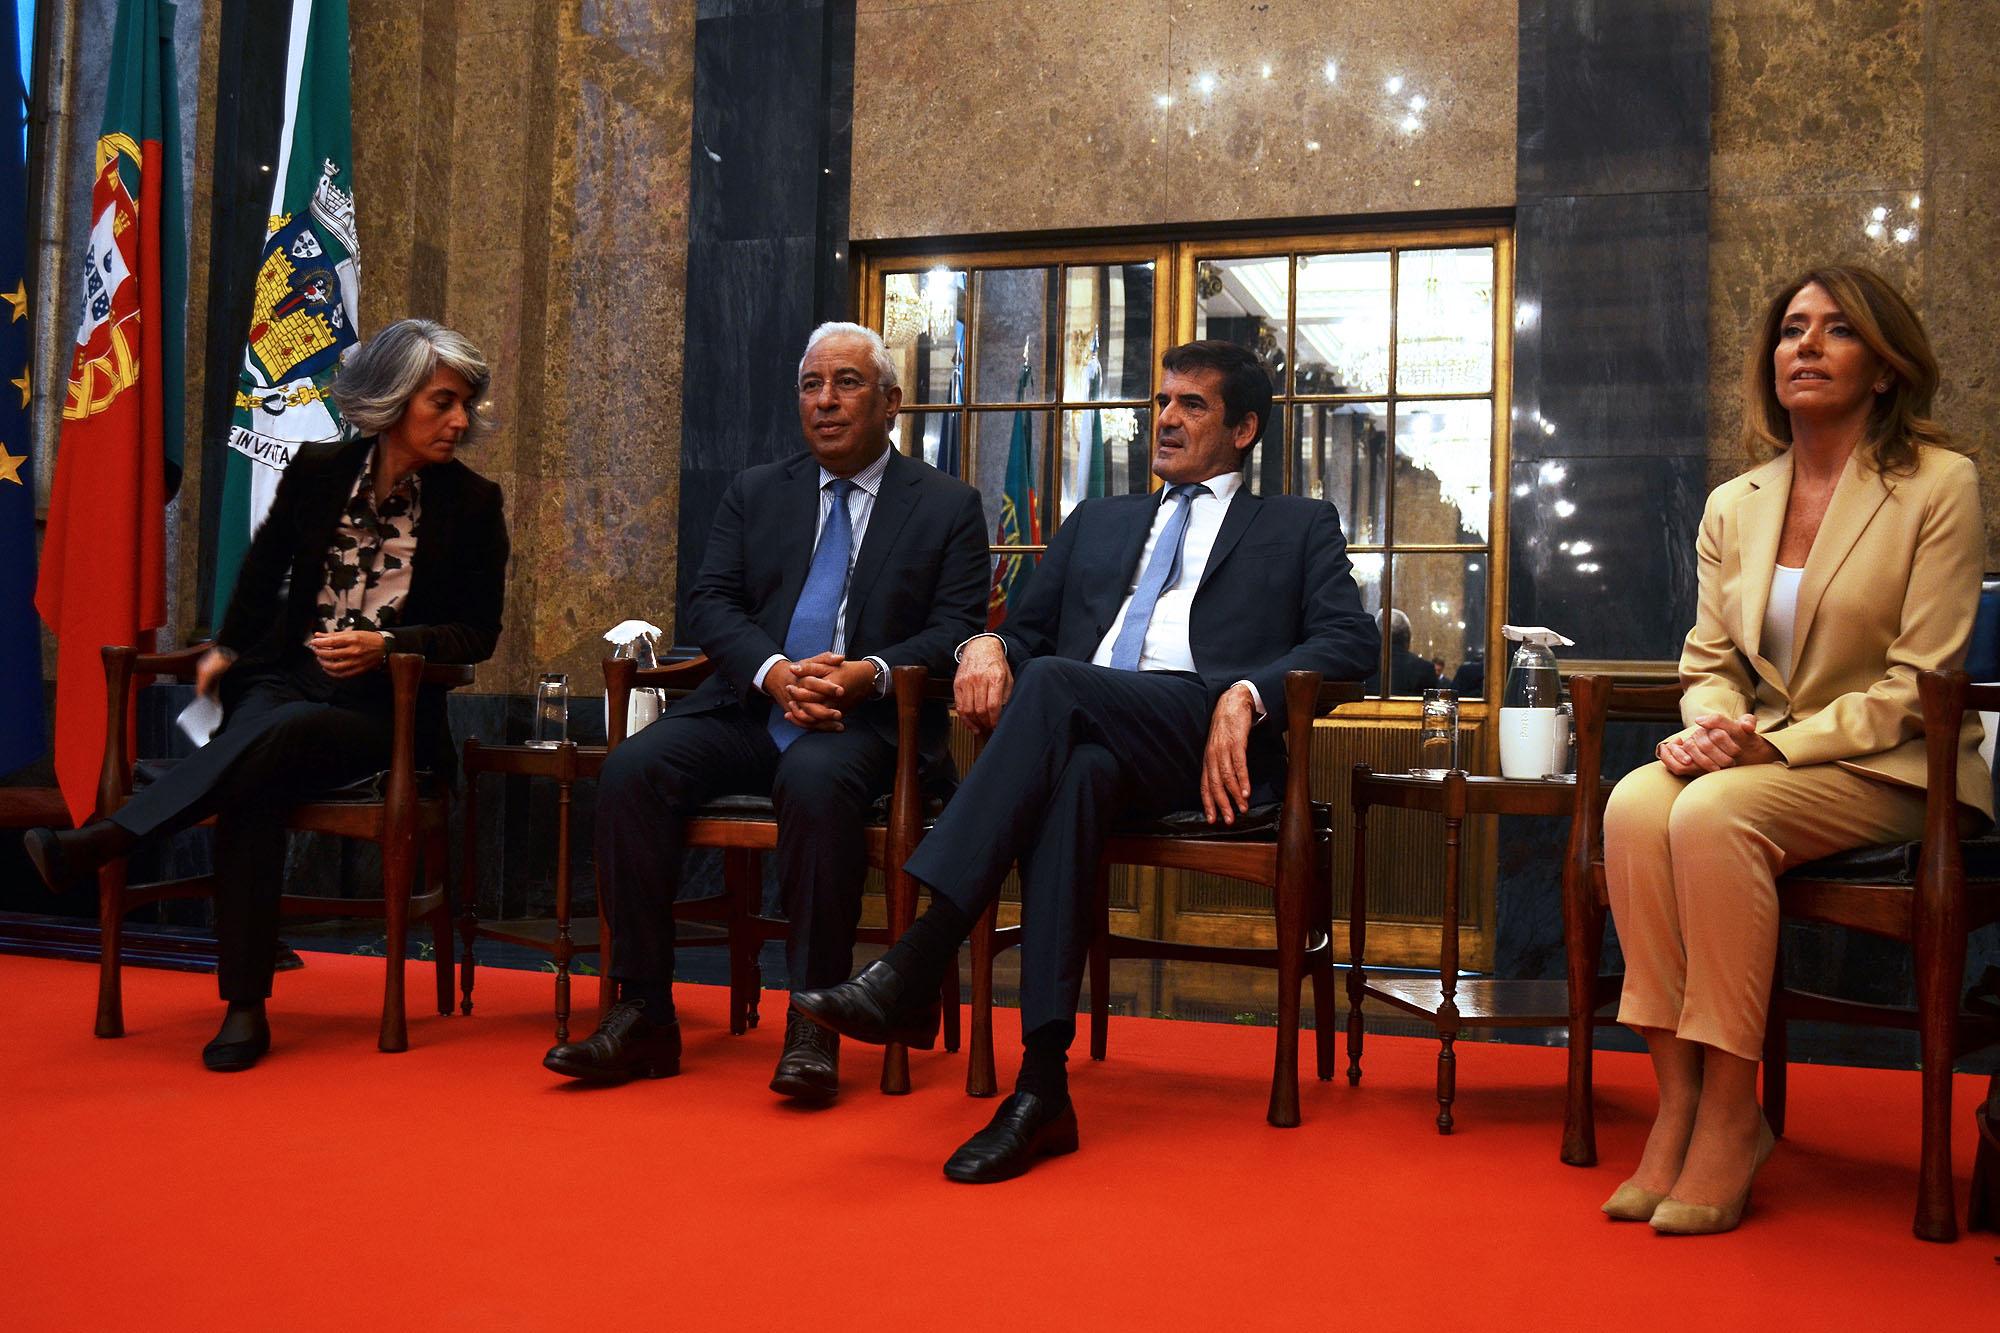 António Costa e Rui Moreira, ao centro, com Graça Fonseca à esquerda e Ana Pinho à direita.